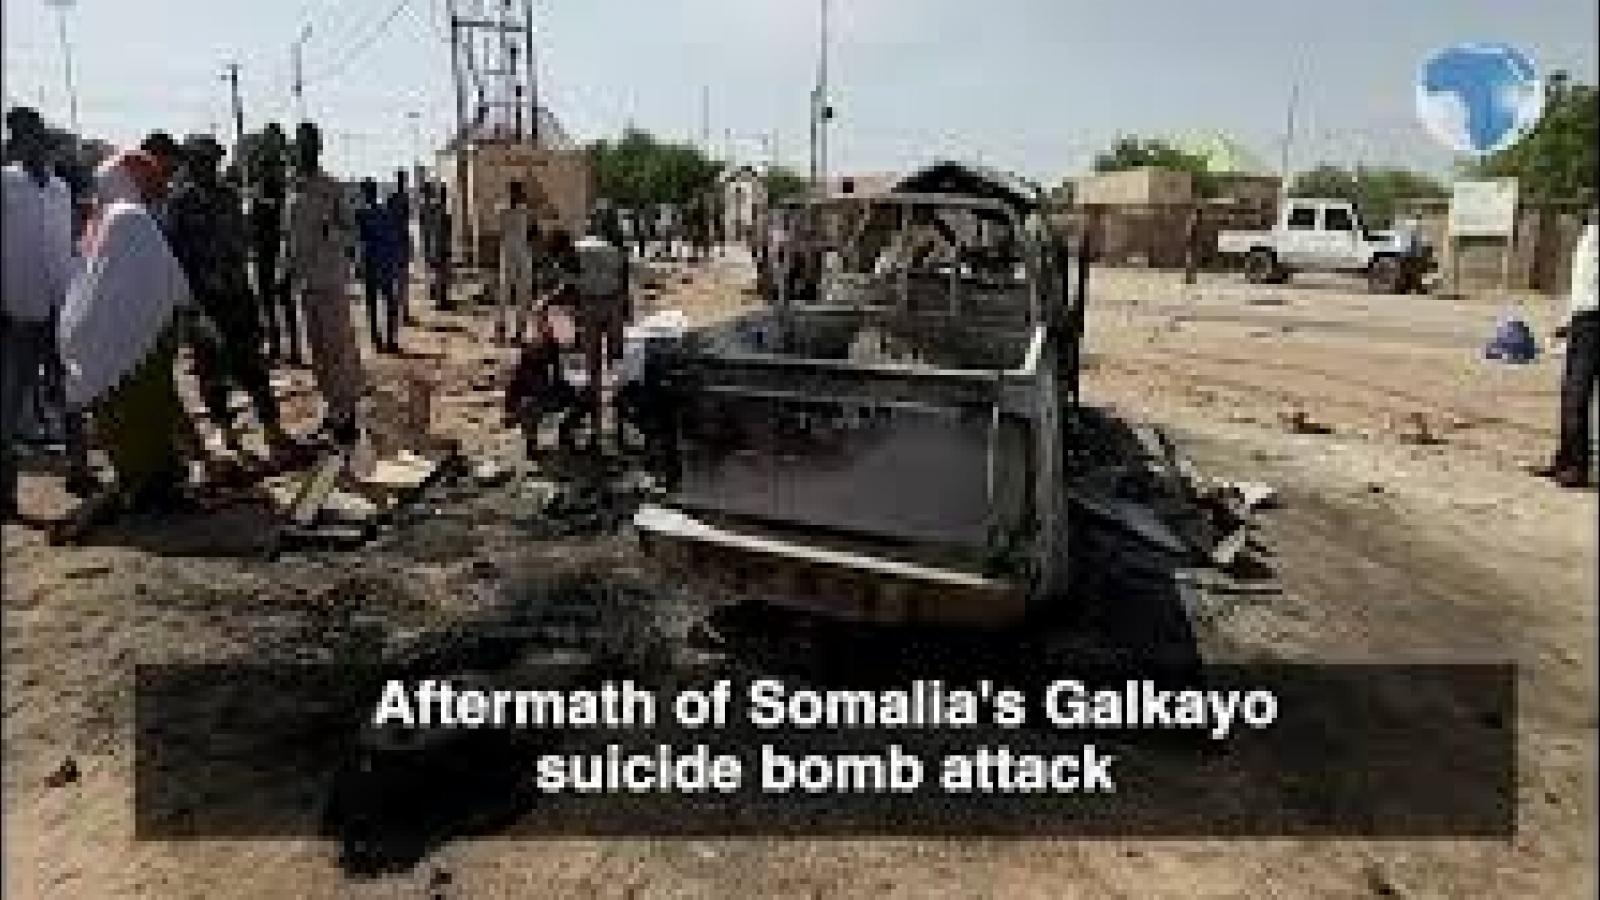 Đánh bom liều chết, hàng chục người thương vong tạiSomalia